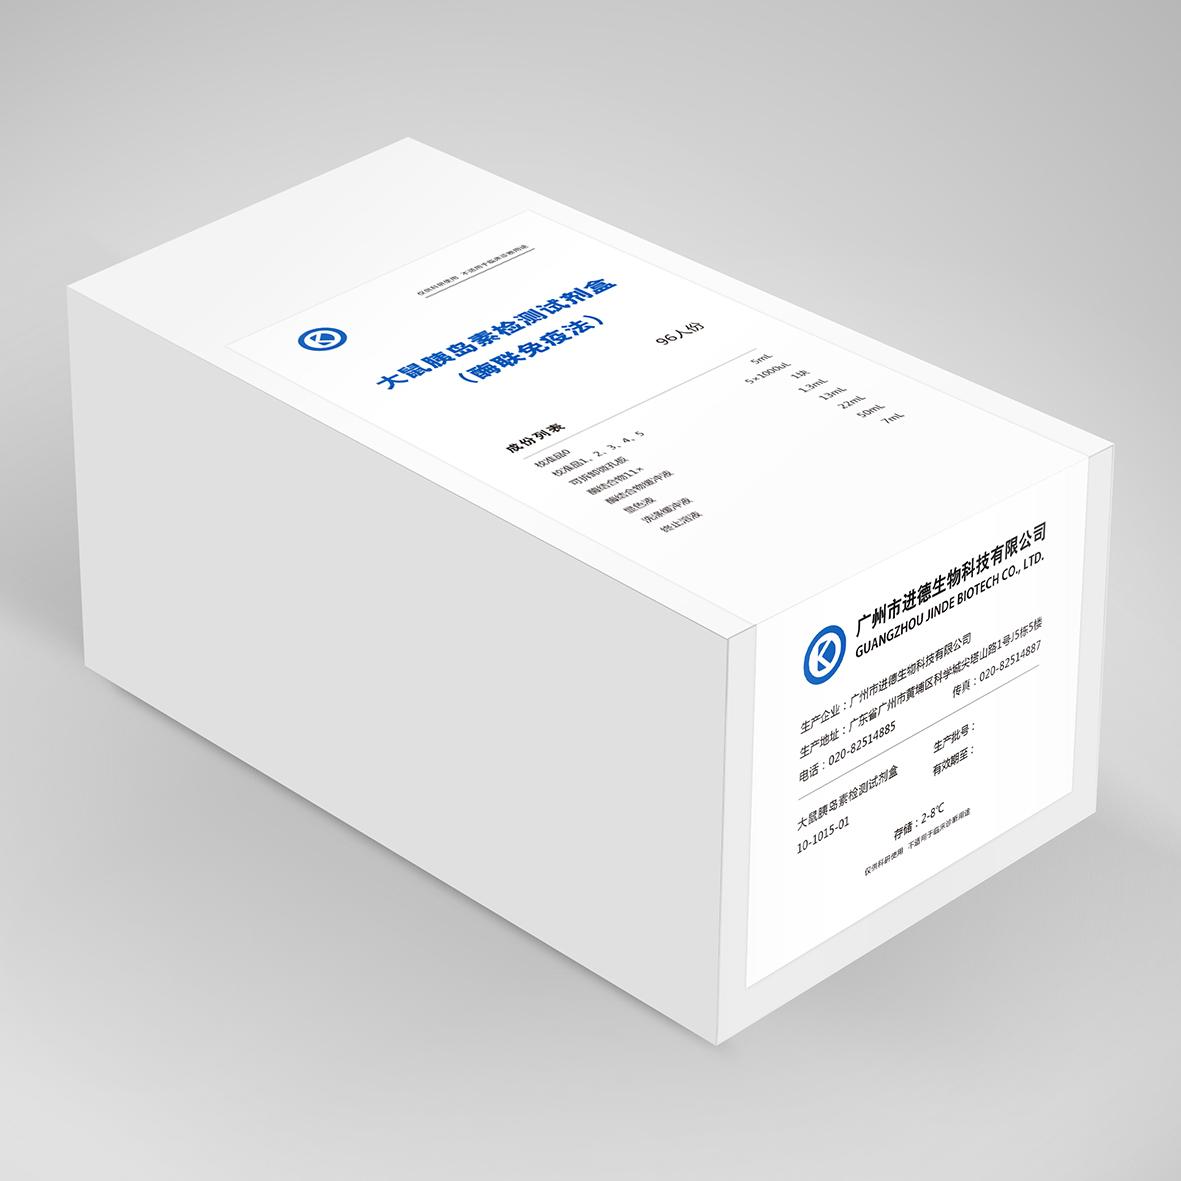 大鼠胰岛素检测试剂盒